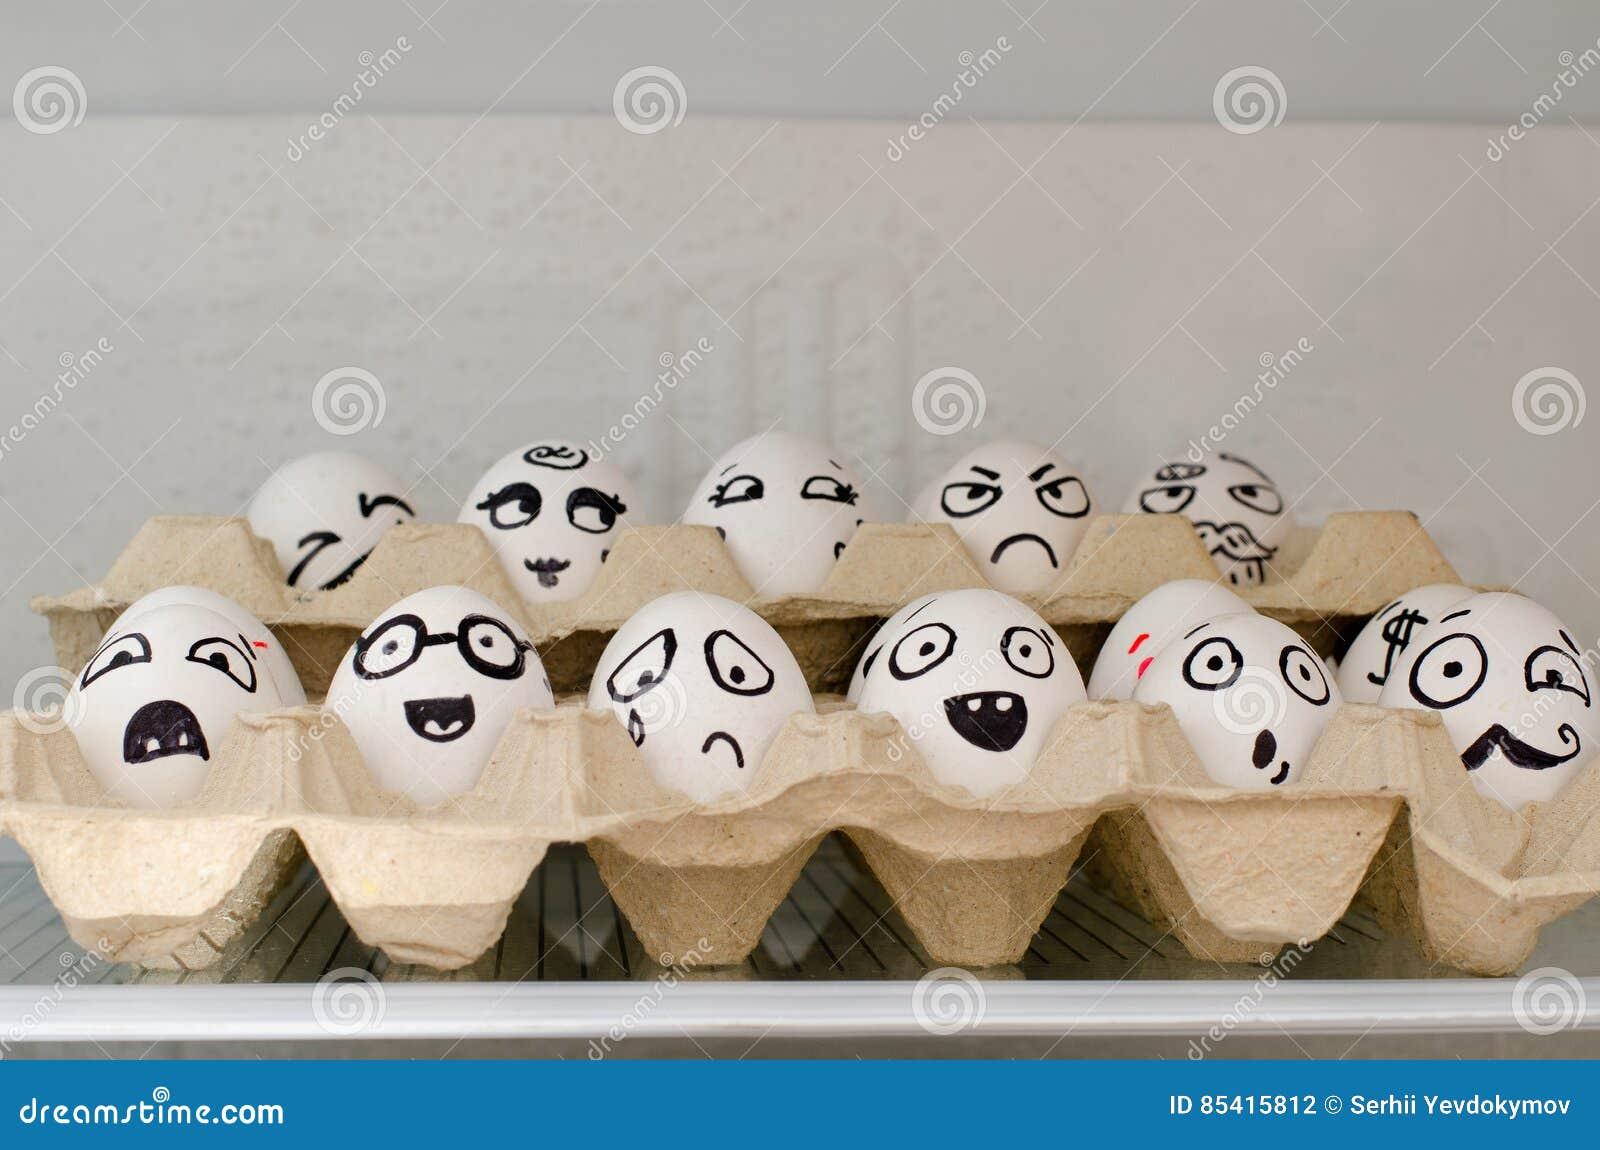 Kühlschrank Ei : Zwei eier weinen im kühlschrank lizenzfreie fotos bilder und